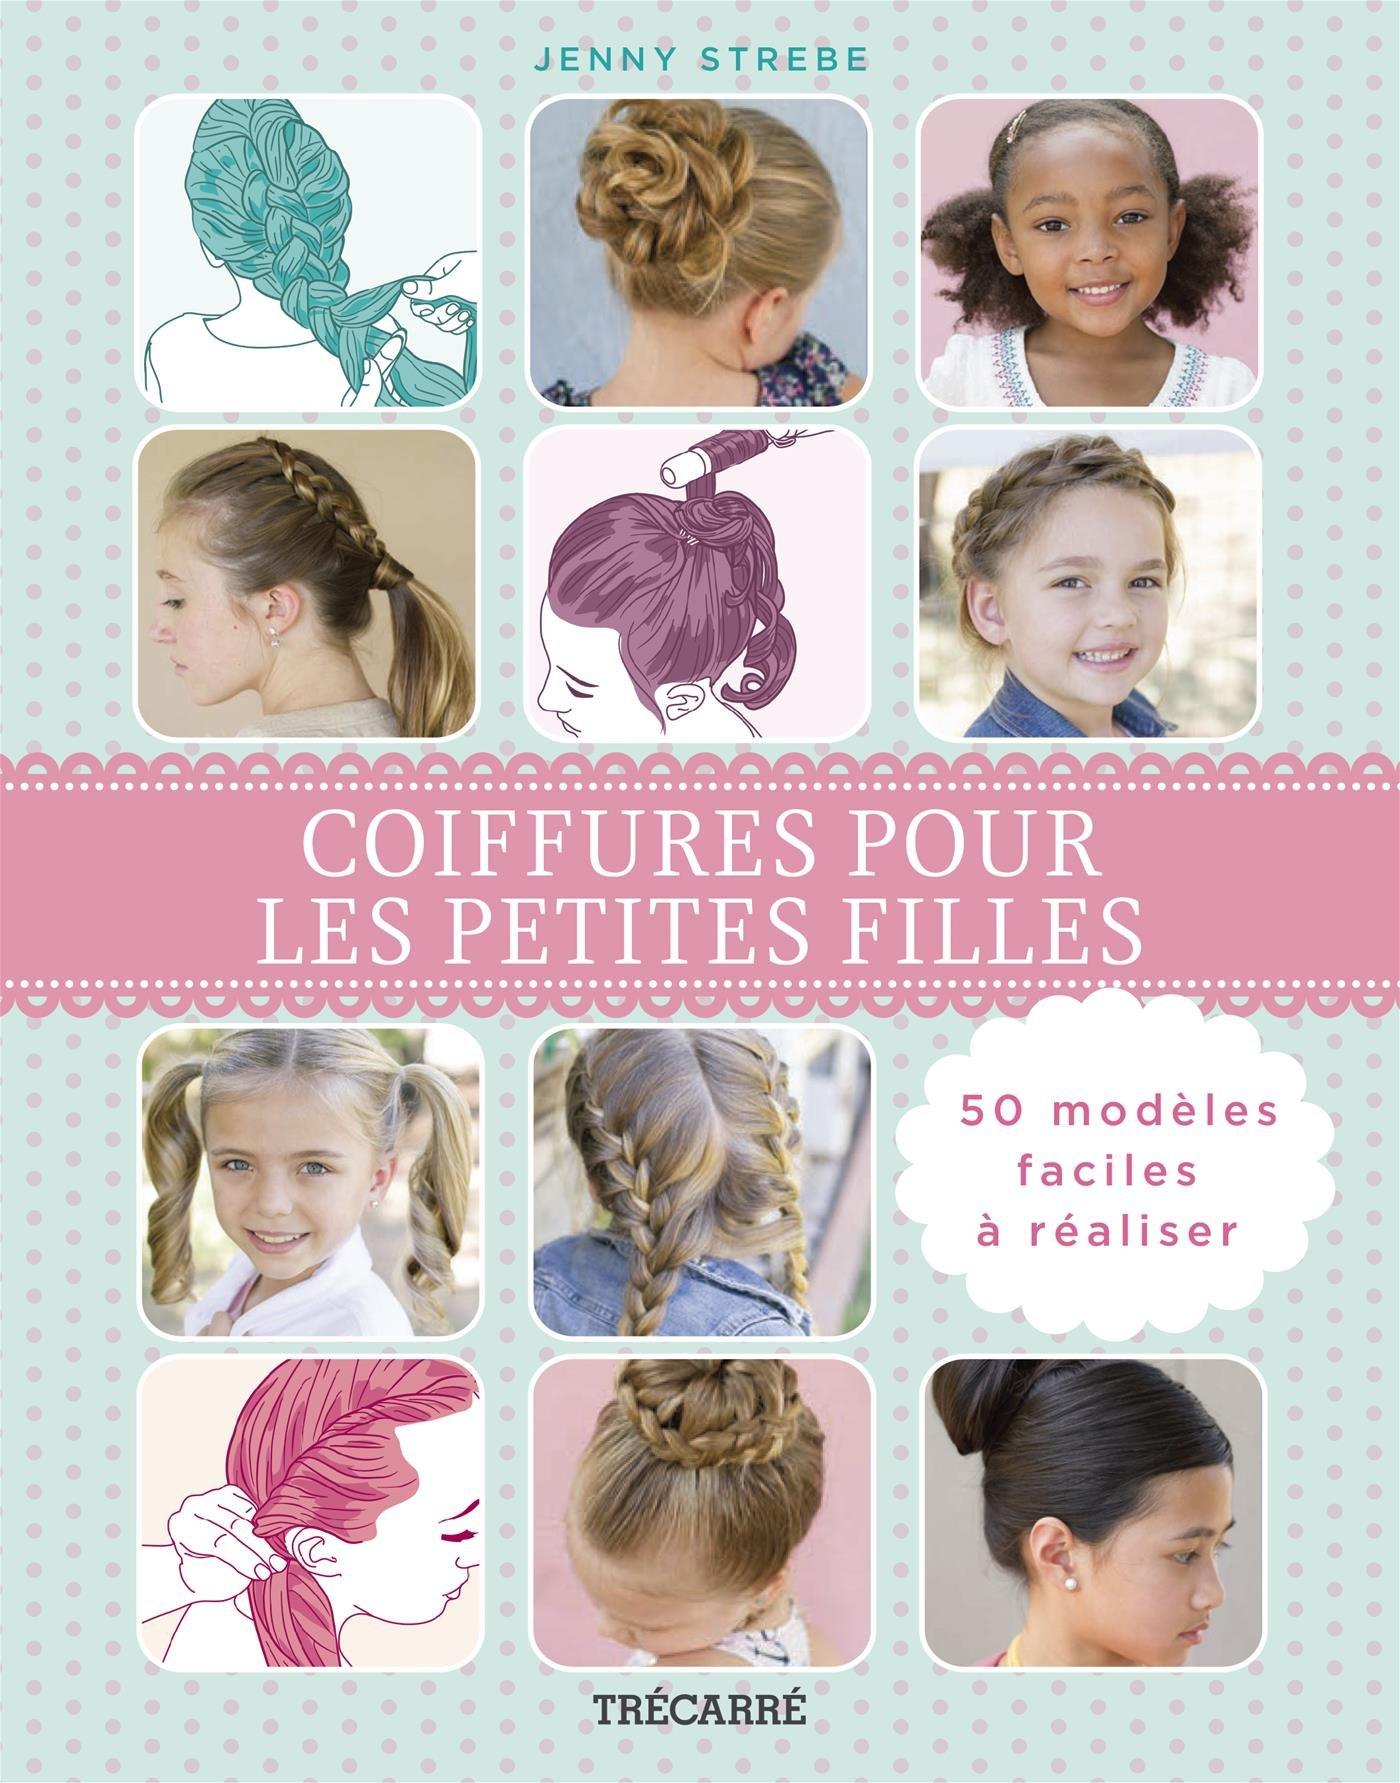 Coiffures Pour Les Petites Filles 50 Modeles Faciles Amazon Fr Strebe Jenny Bath M Wom Frederique Livres